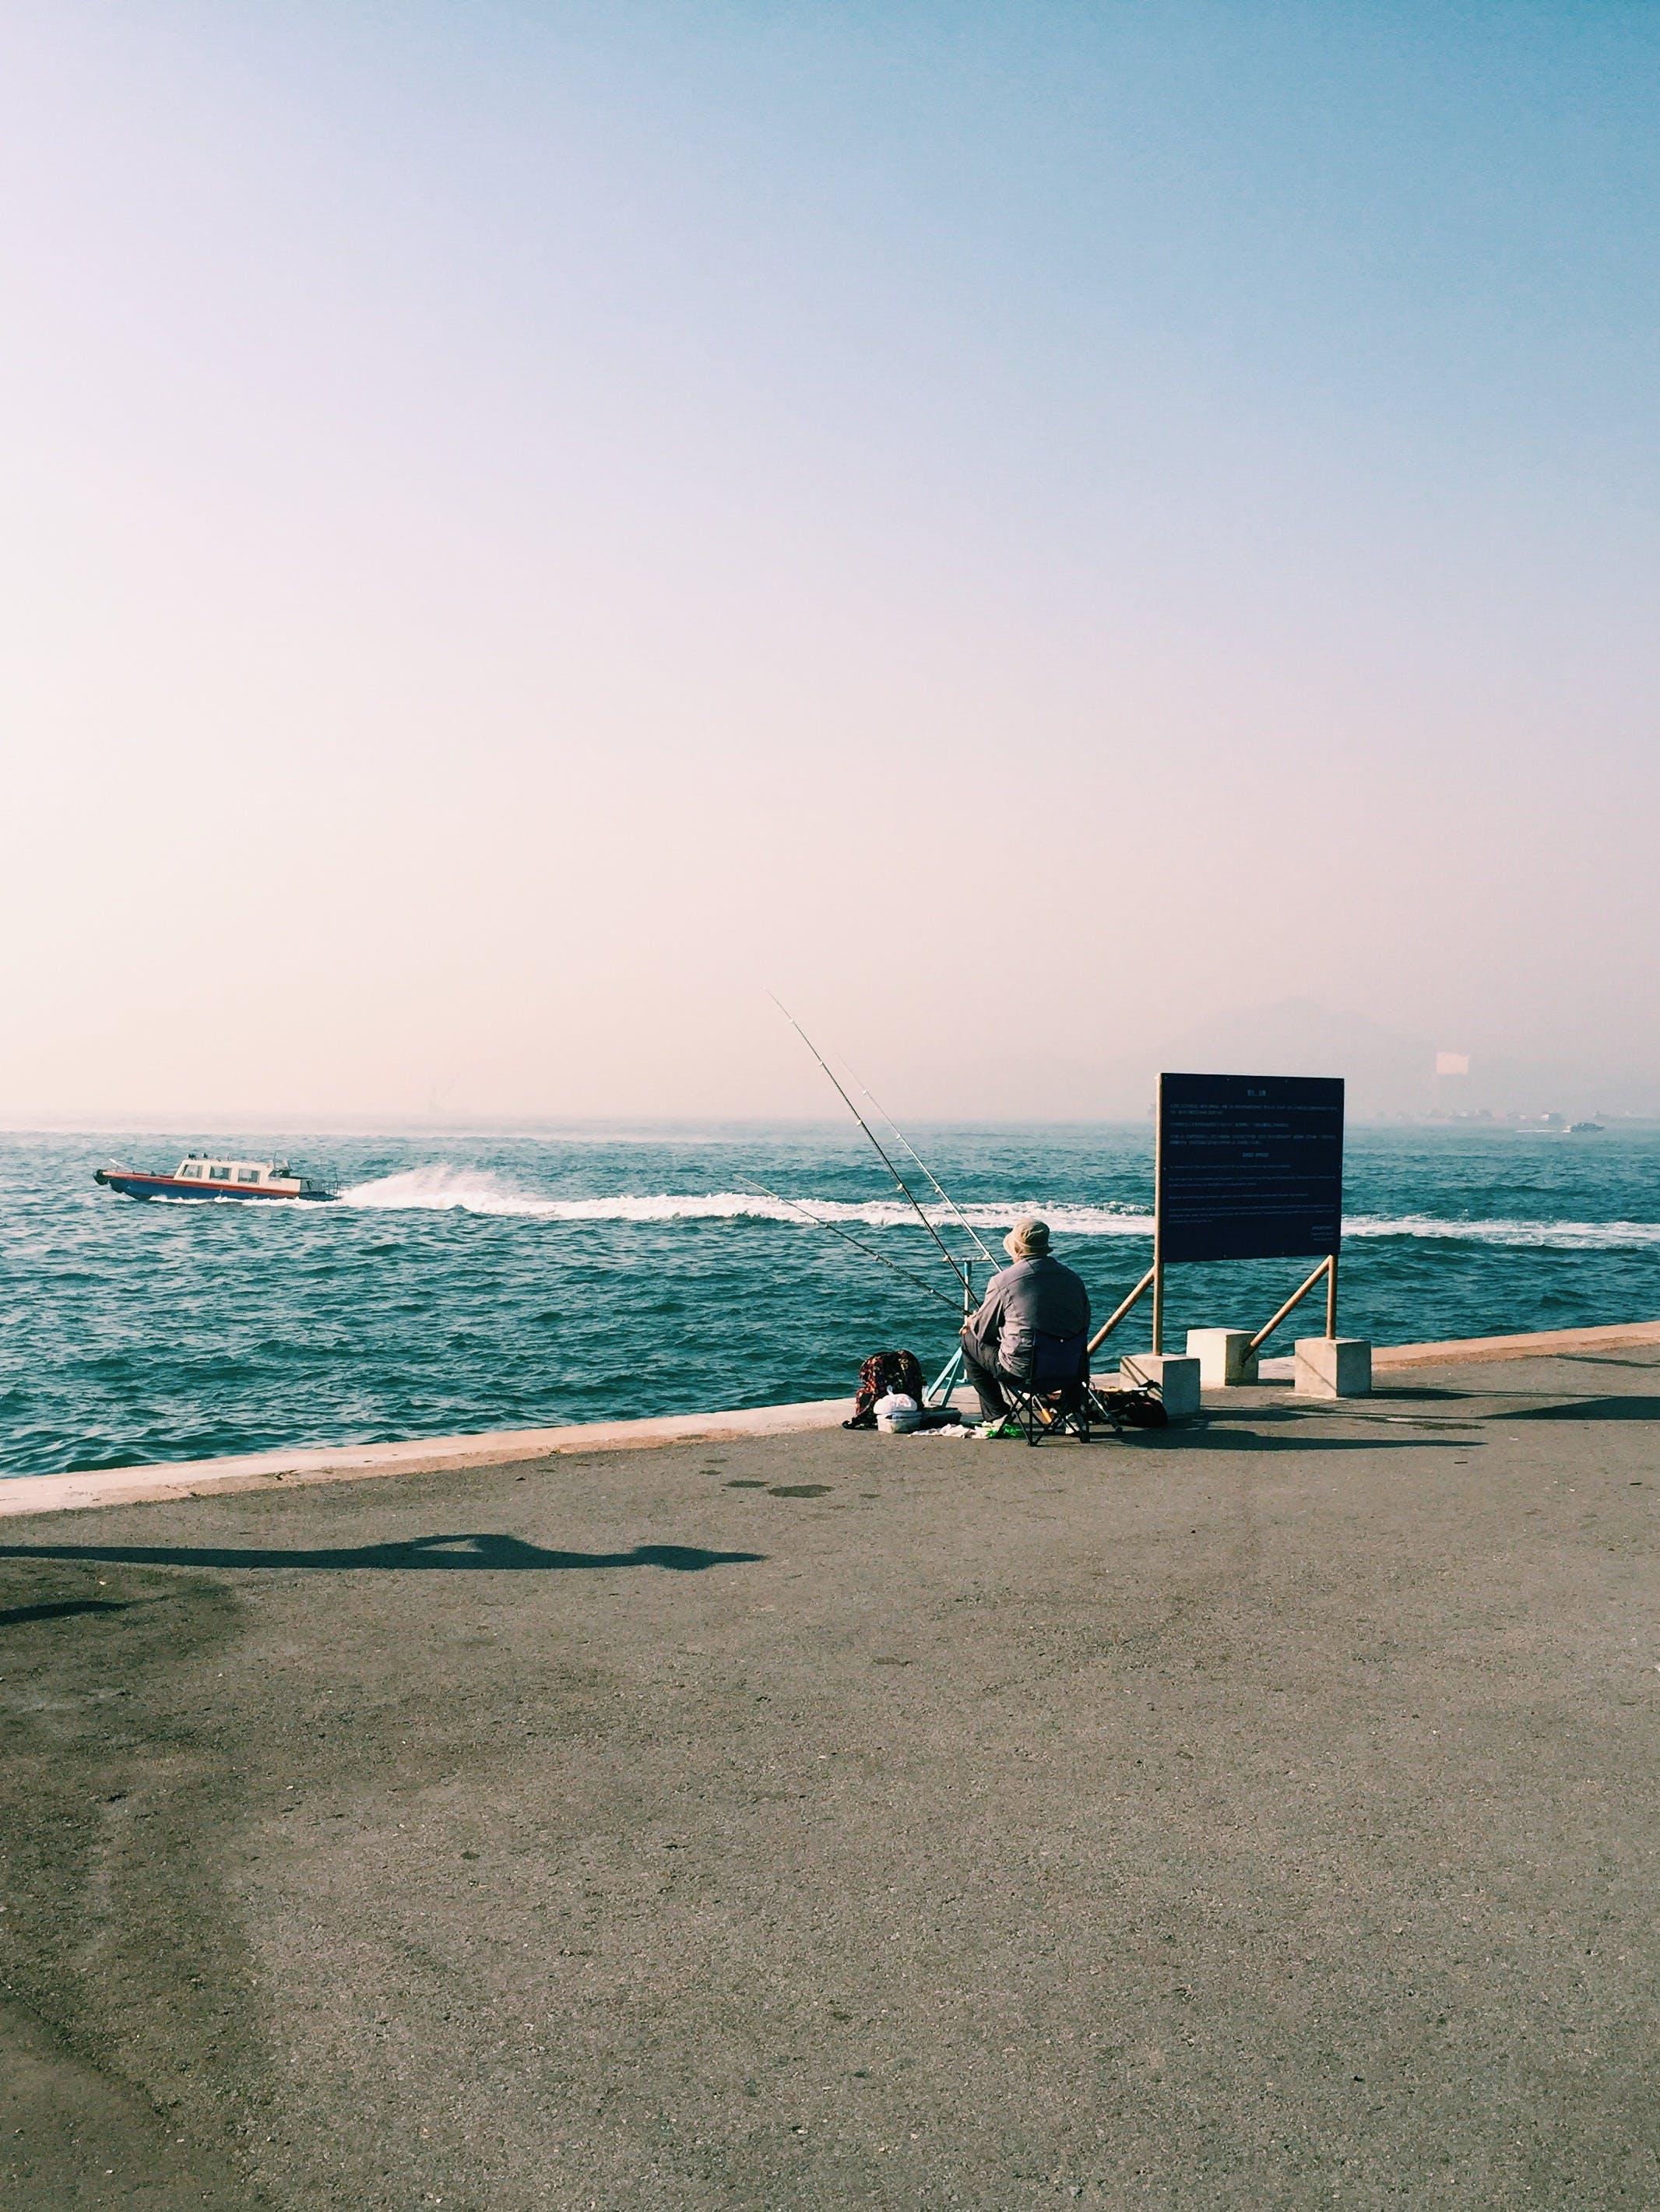 adam, Balık tutmak, balıkçı